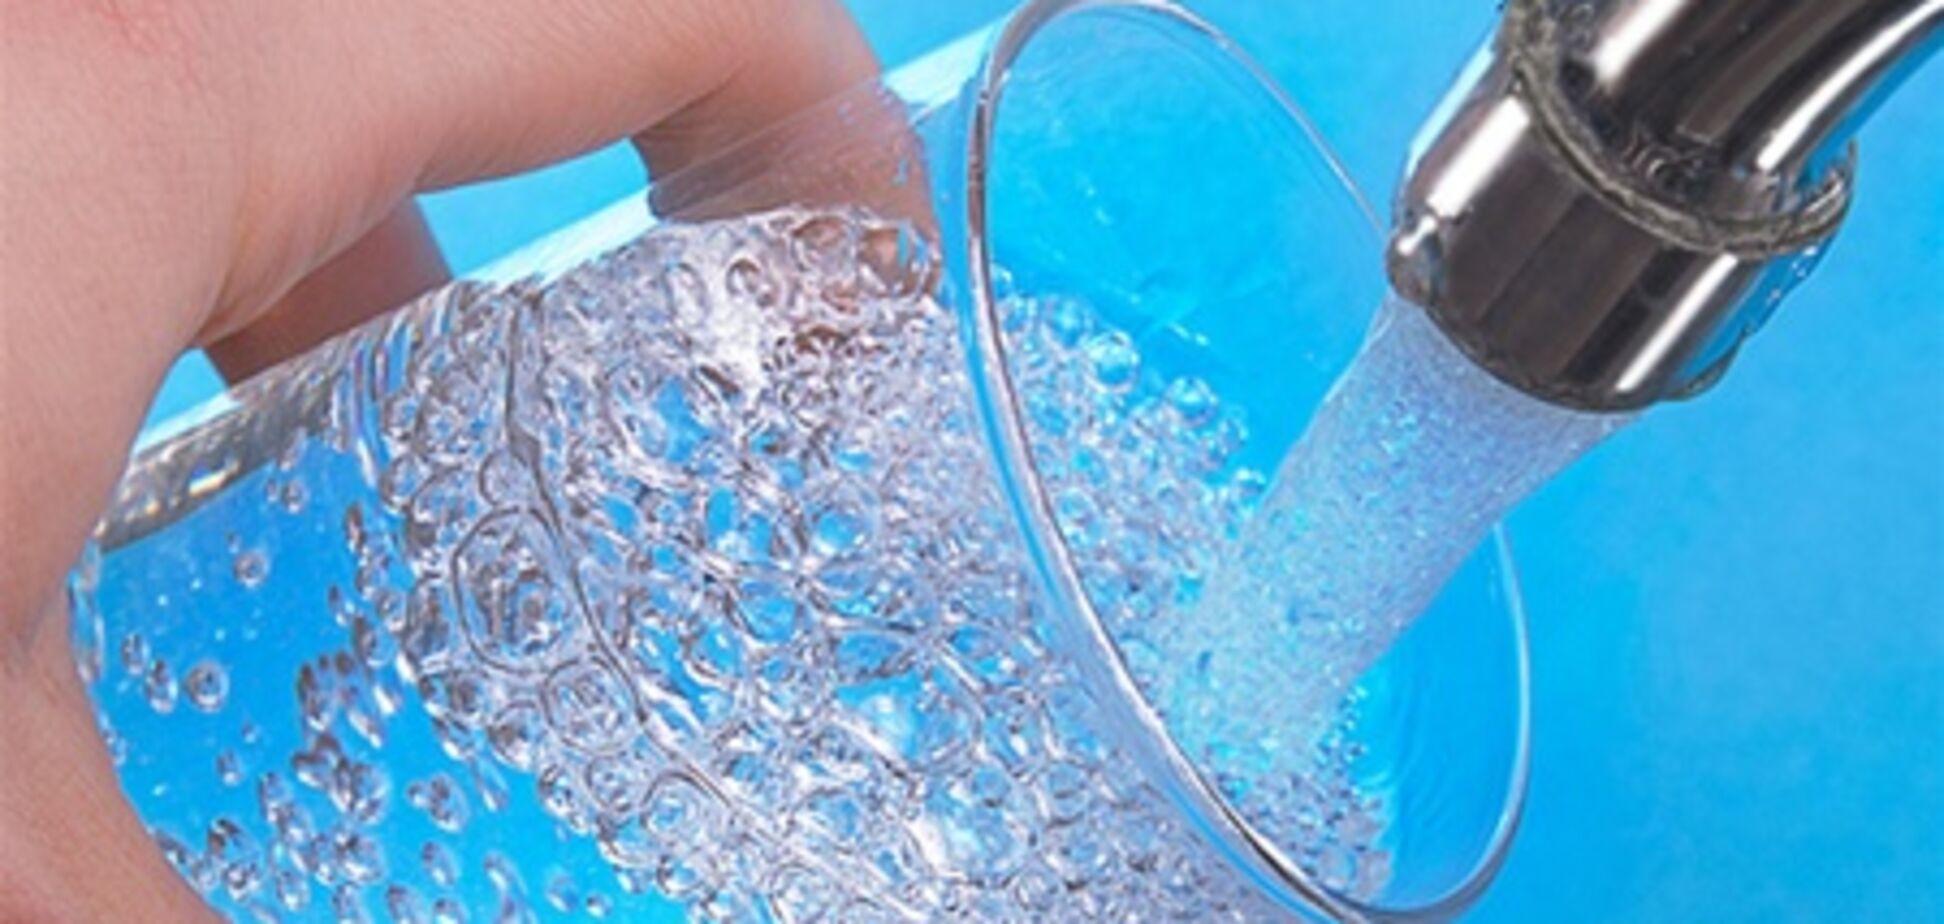 Семь жилмассивов с воскресенье останутся без горячей воды